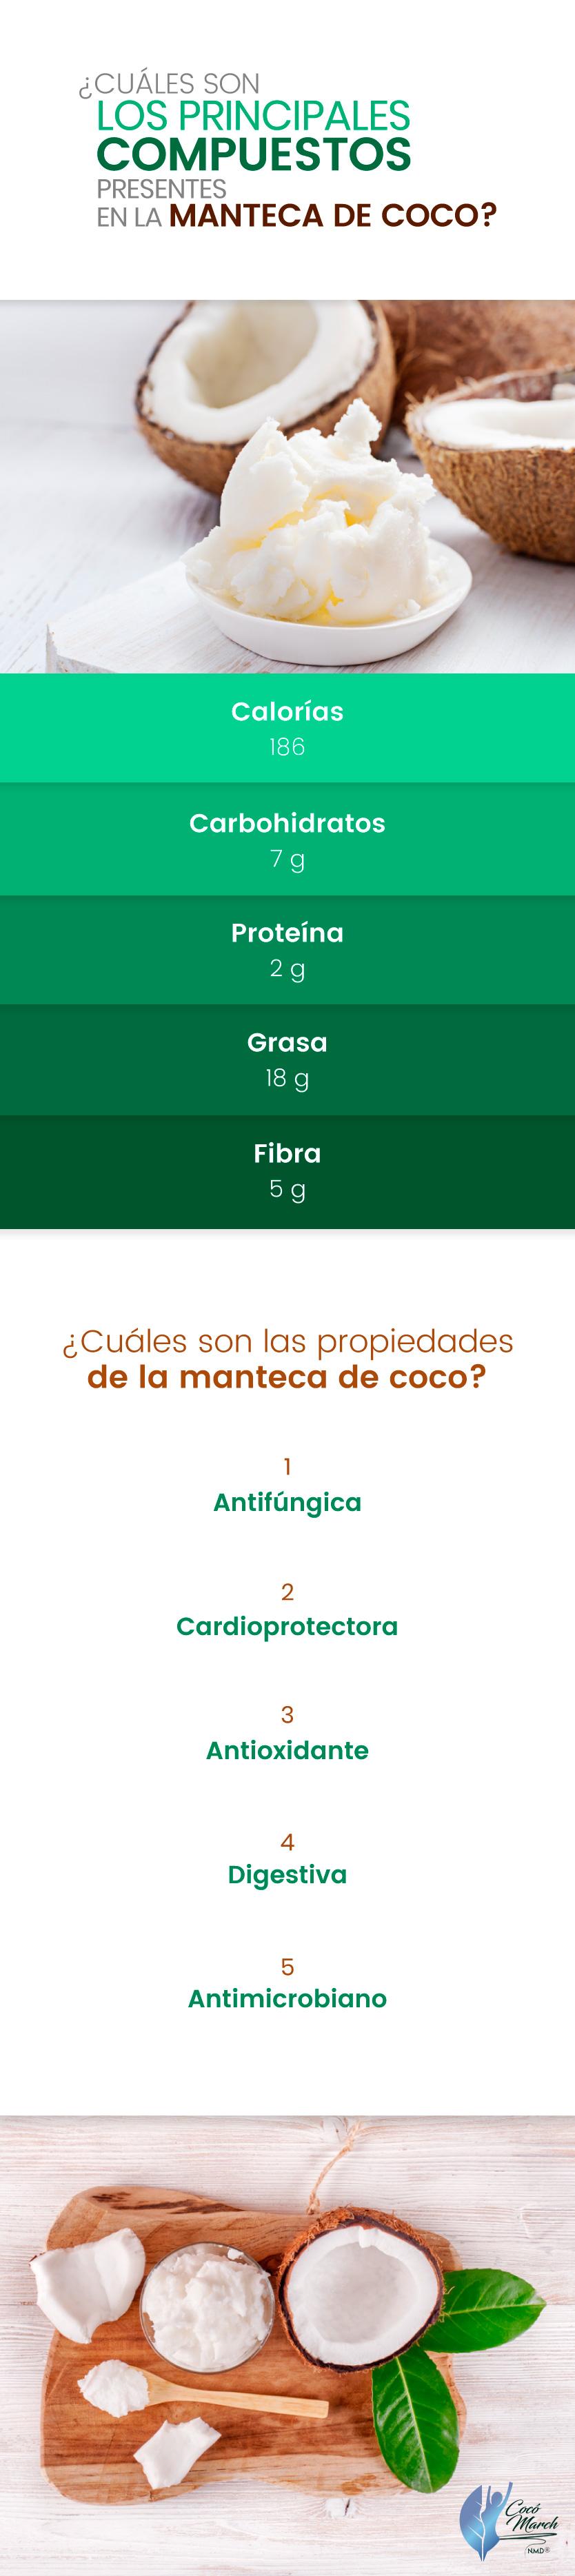 compuestos-de-la-manteca-de-coco